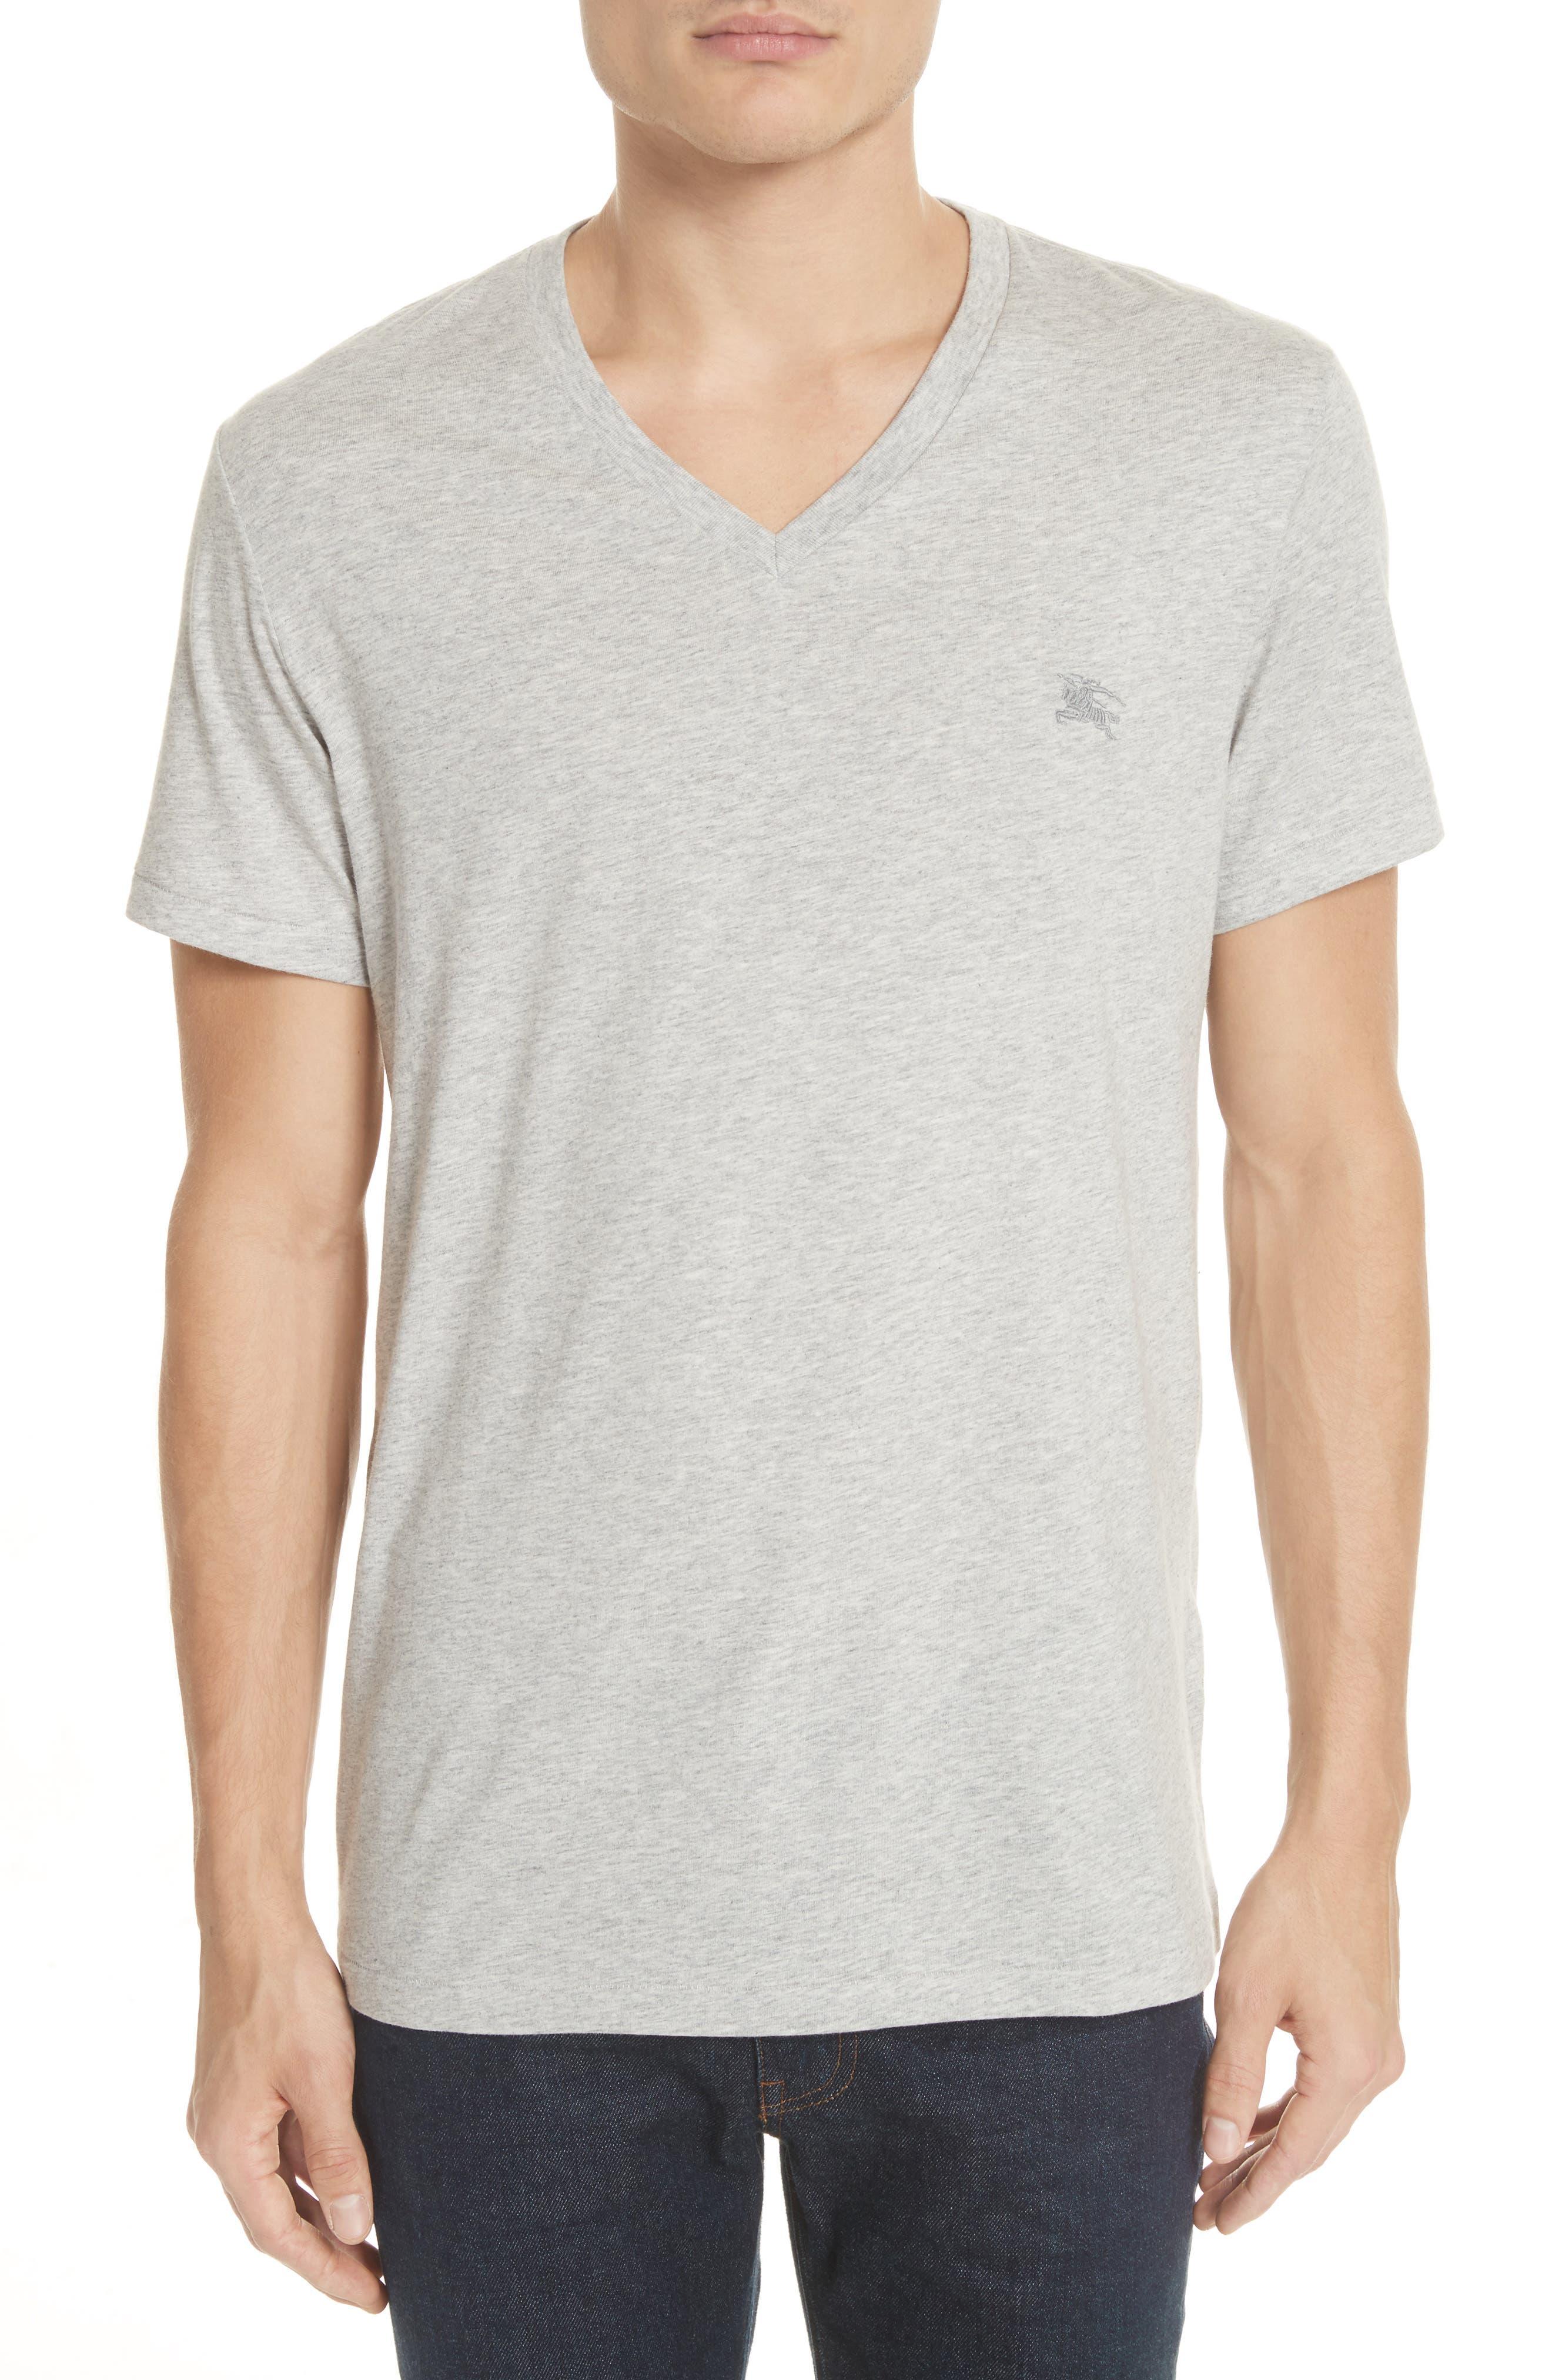 Jadforth V-Neck T-Shirt,                         Main,                         color, PALE GREY MELANGE